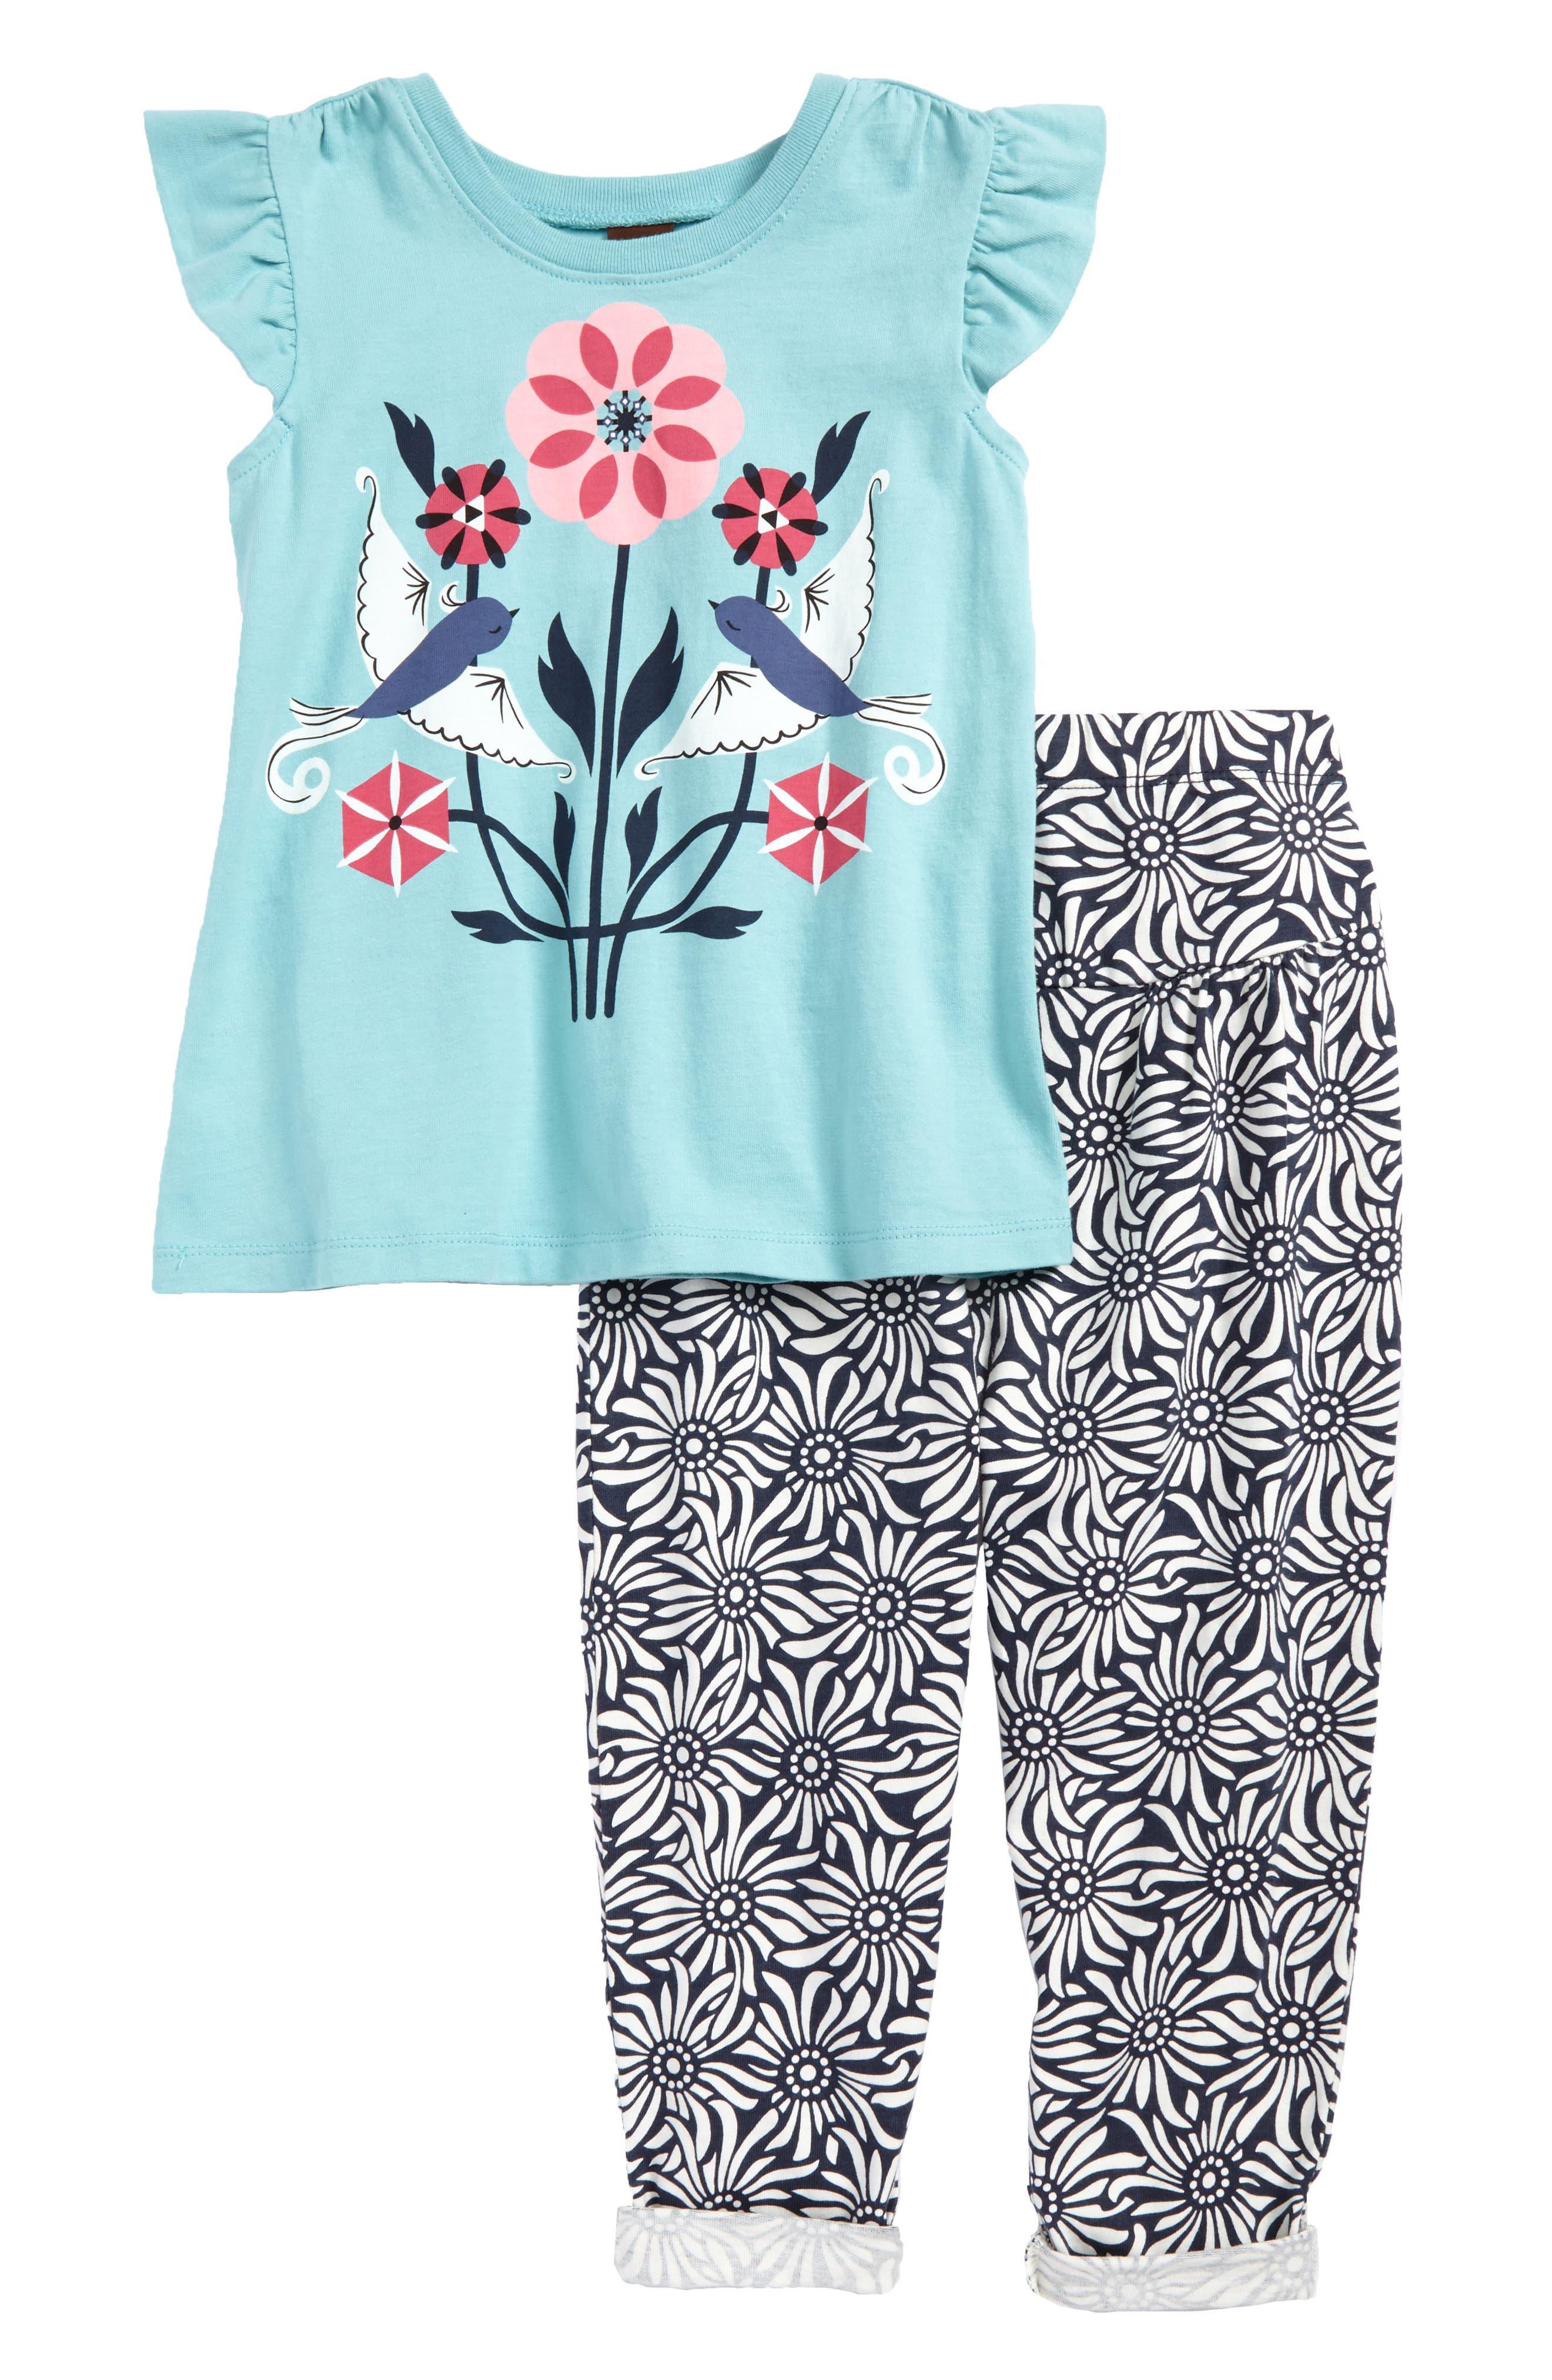 Lovebirds Tee & Pants Set,                             Main thumbnail 1, color,                             Mar